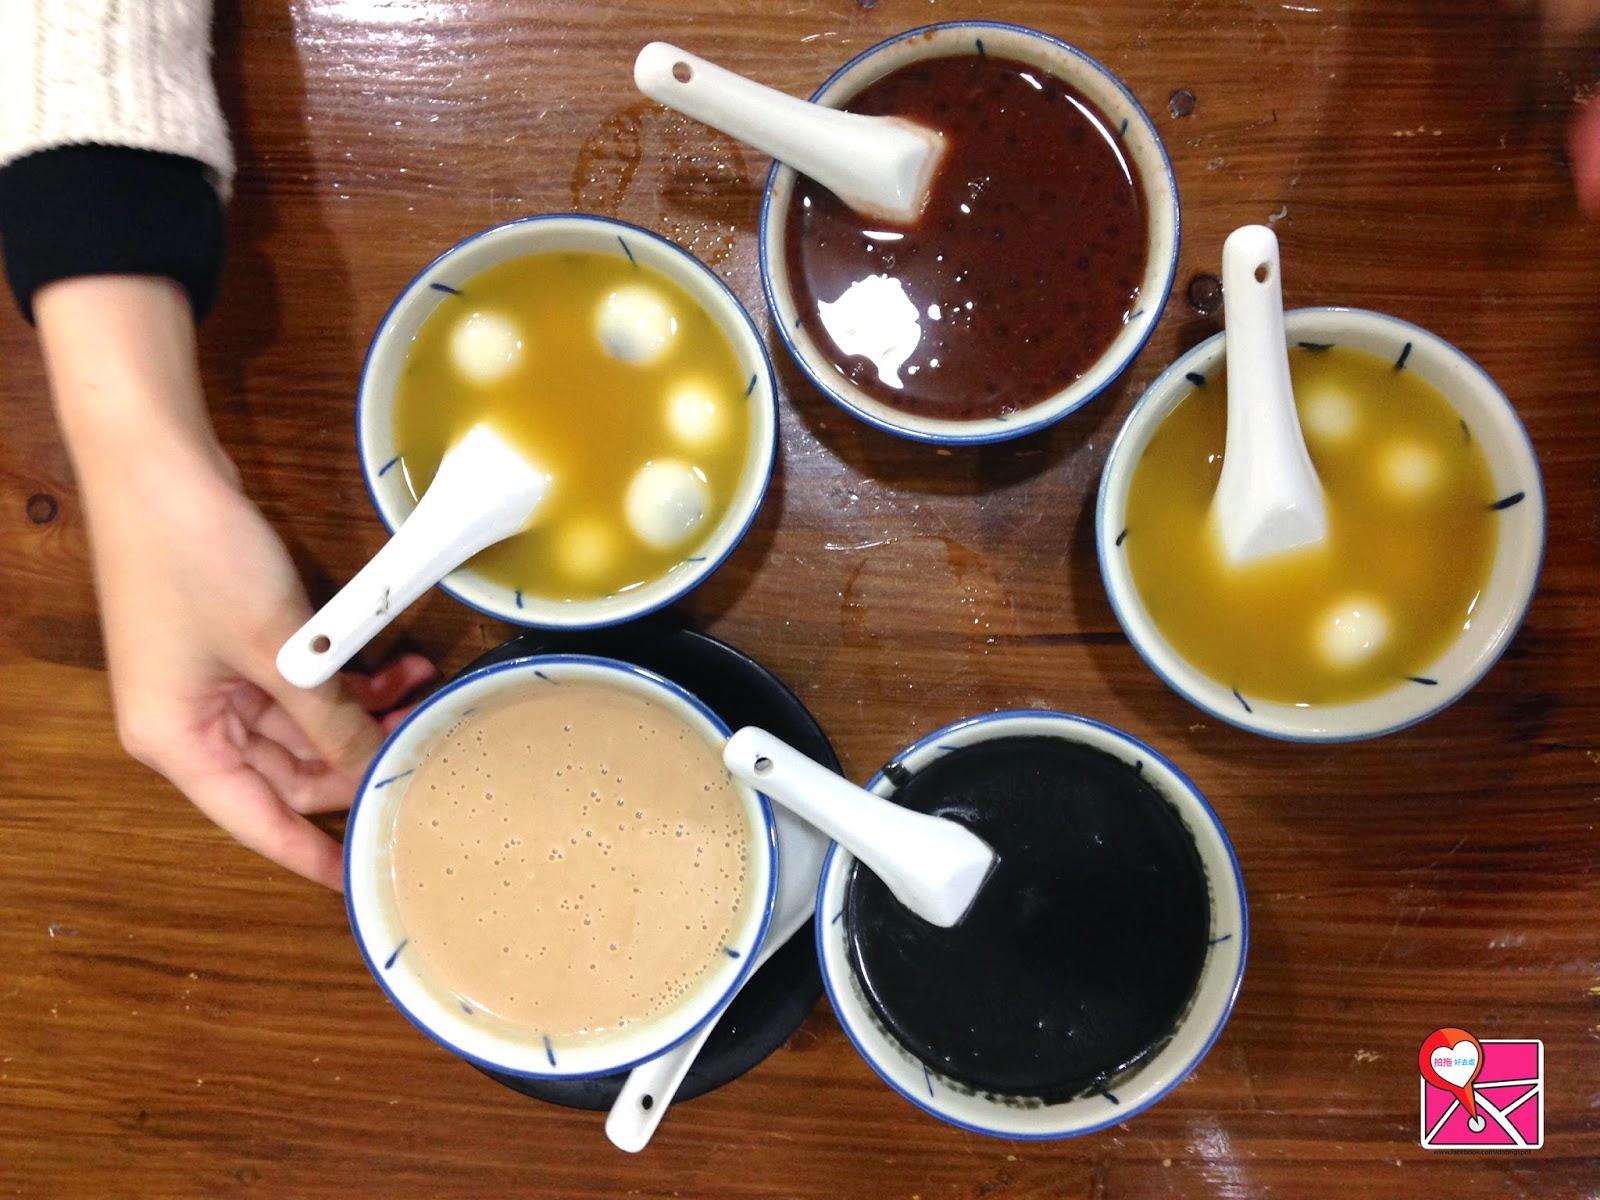 佳佳甜品 - 中式傳統好味道 | 拍拖好去處